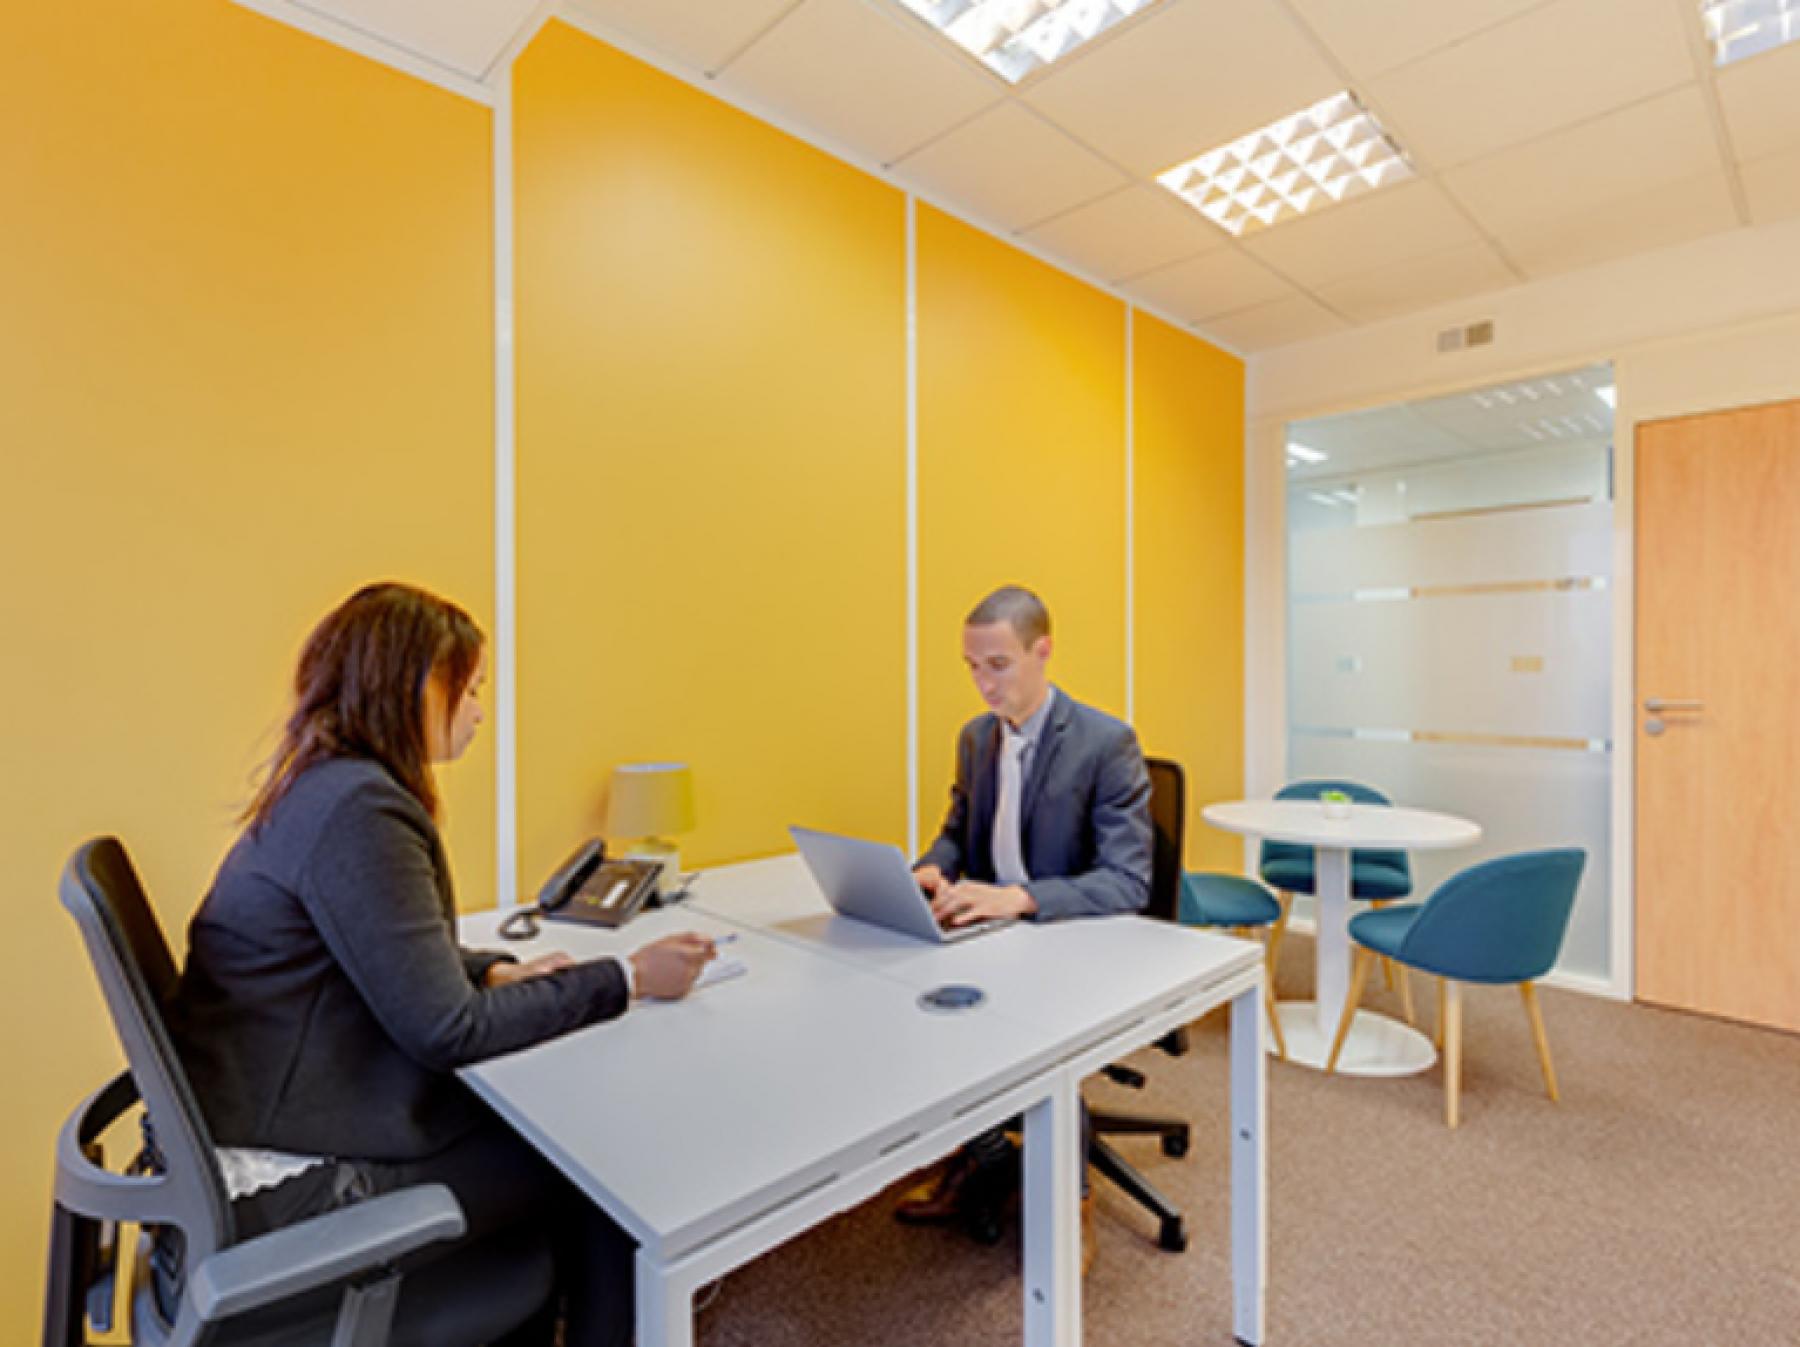 Espace de bureau chaleureux avec table ronde pour vos entretiens à la Place Charles Béraudier